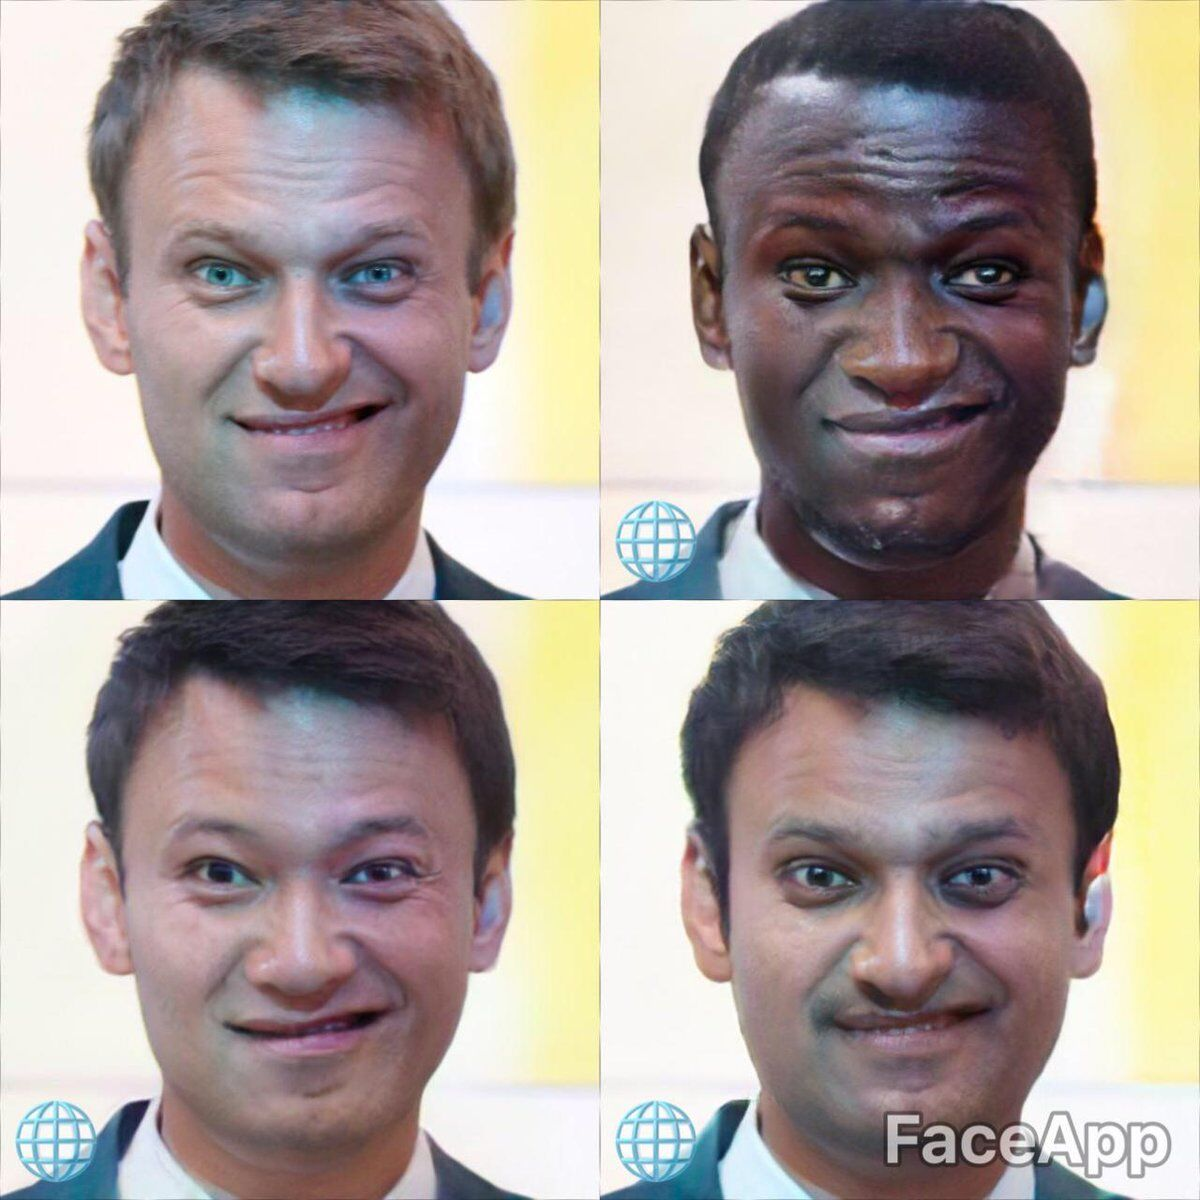 """Чорний, білий, азіат: топ-політикам України """"змінили"""" колір шкіри і це дуже смішно"""